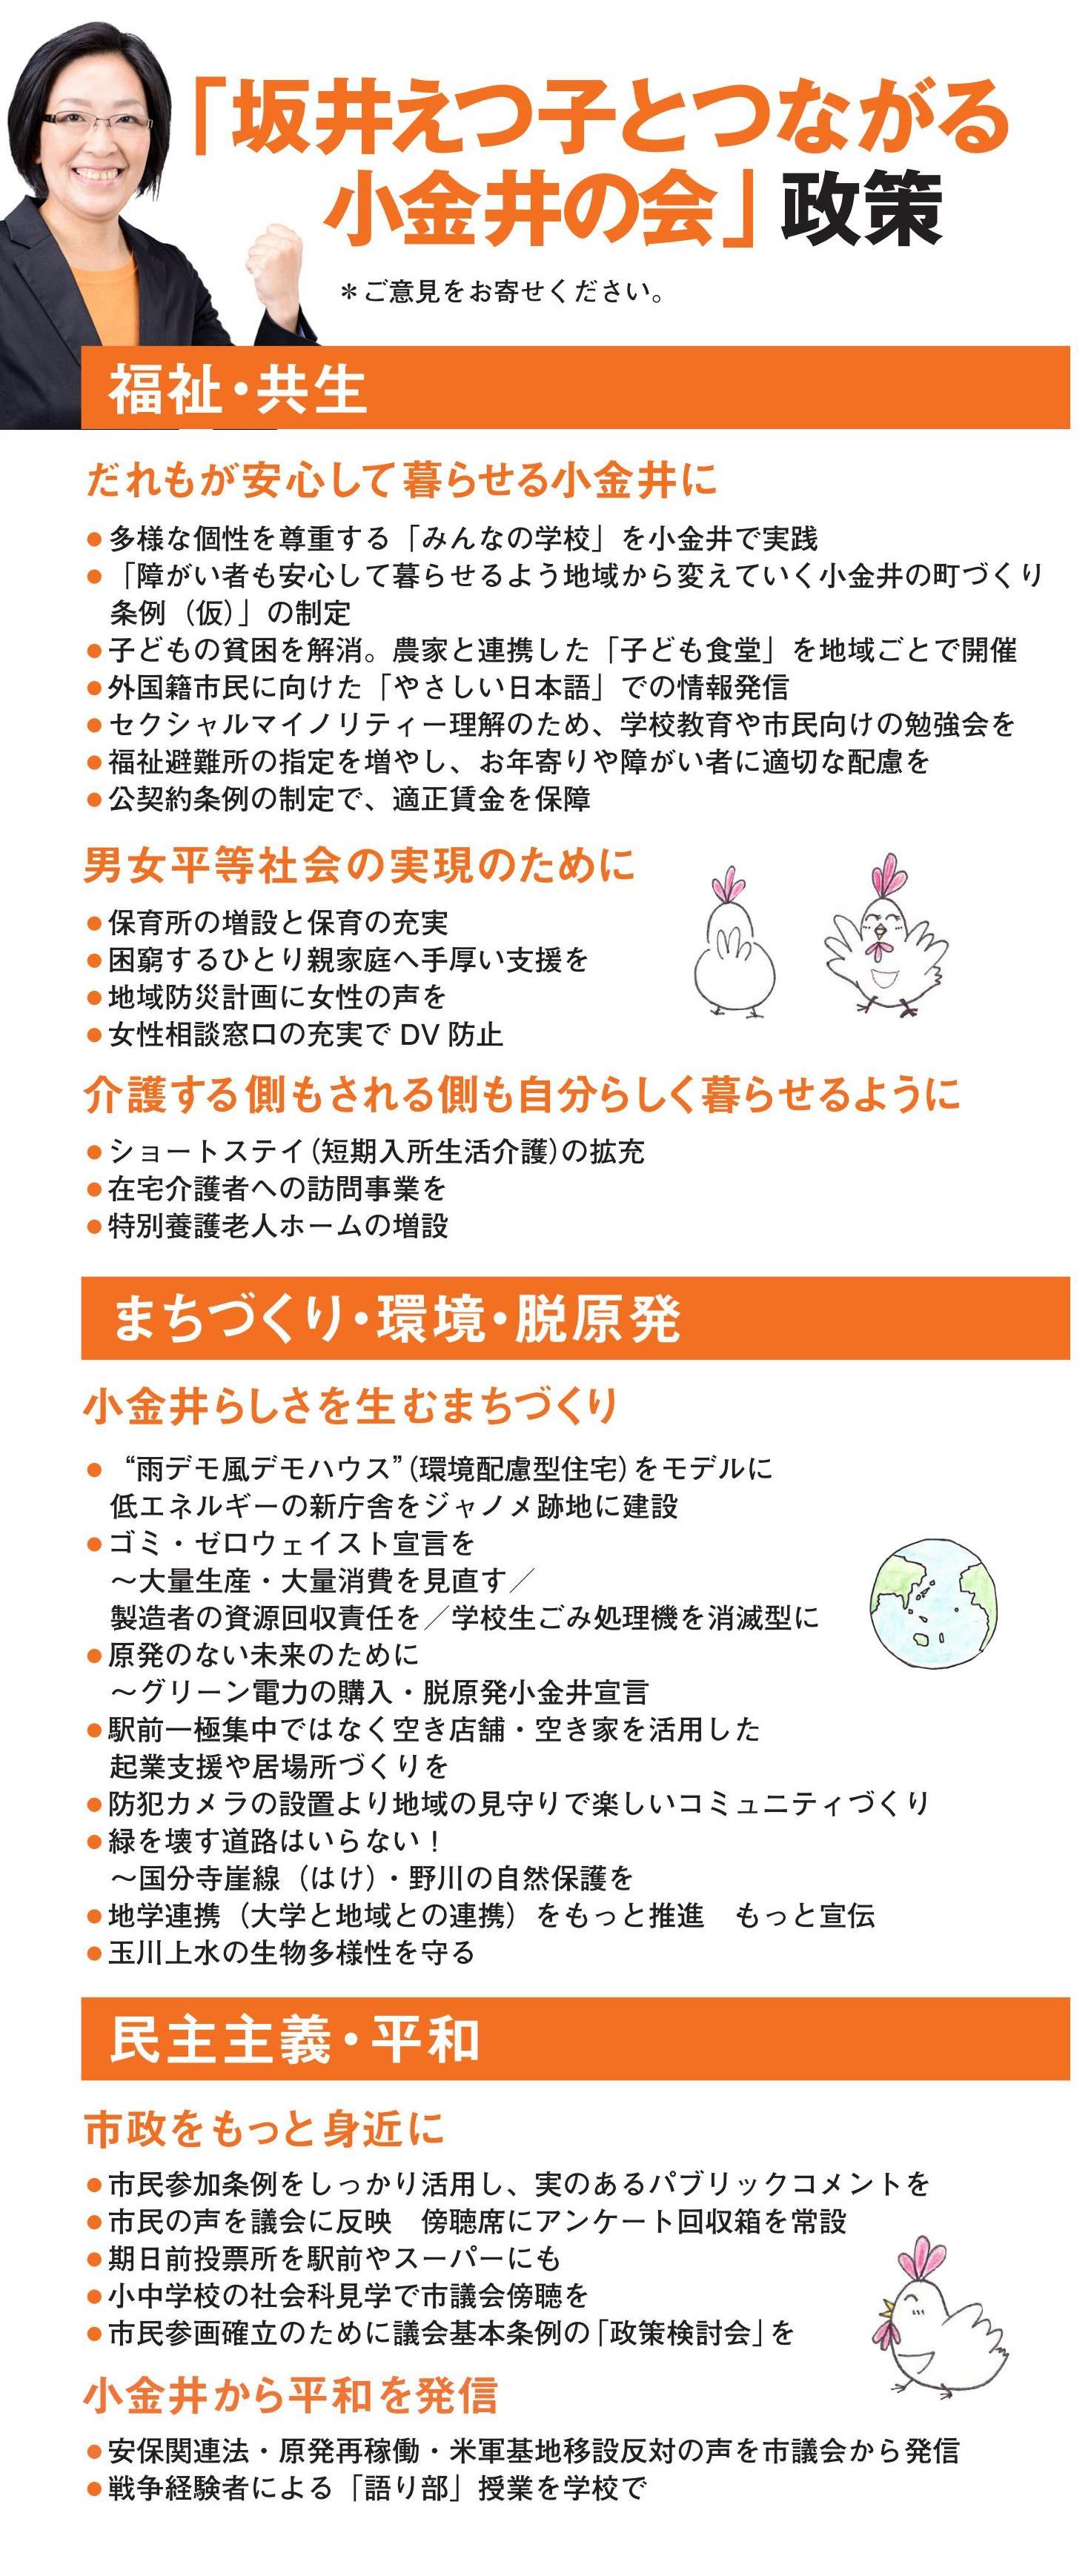 「坂井えつ子とつながる小金井の会」政策